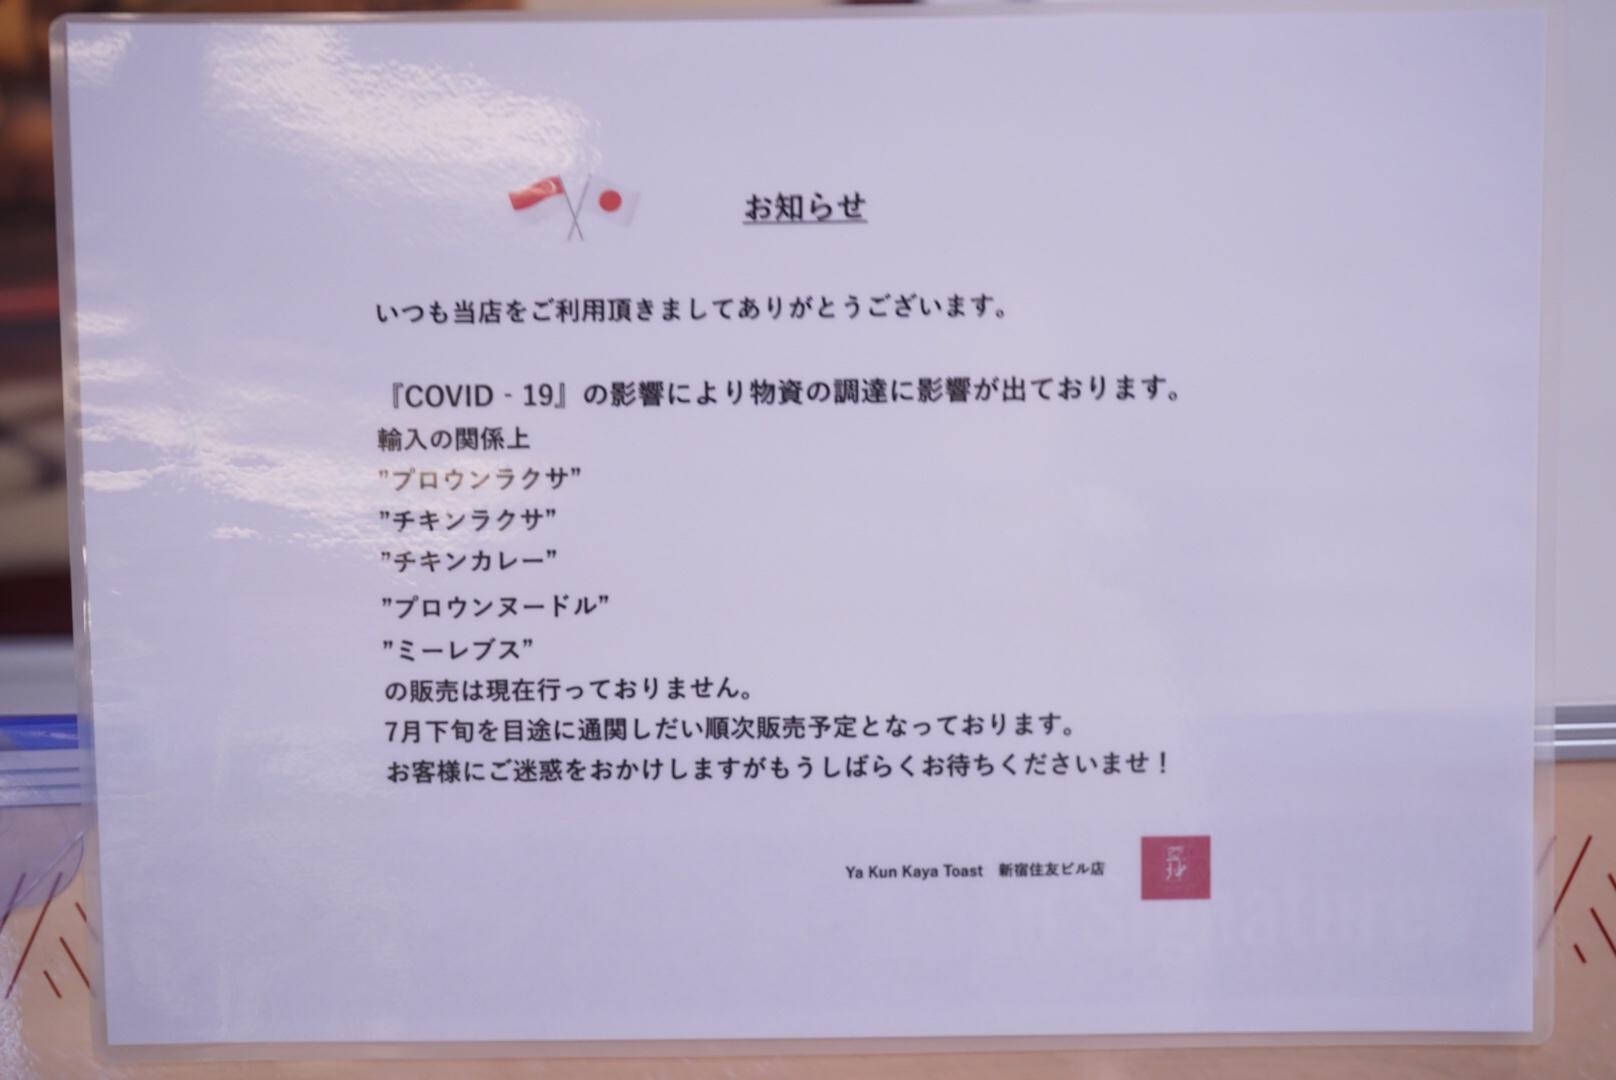 ヤクン・カヤトースト コロナによるメニュー制限